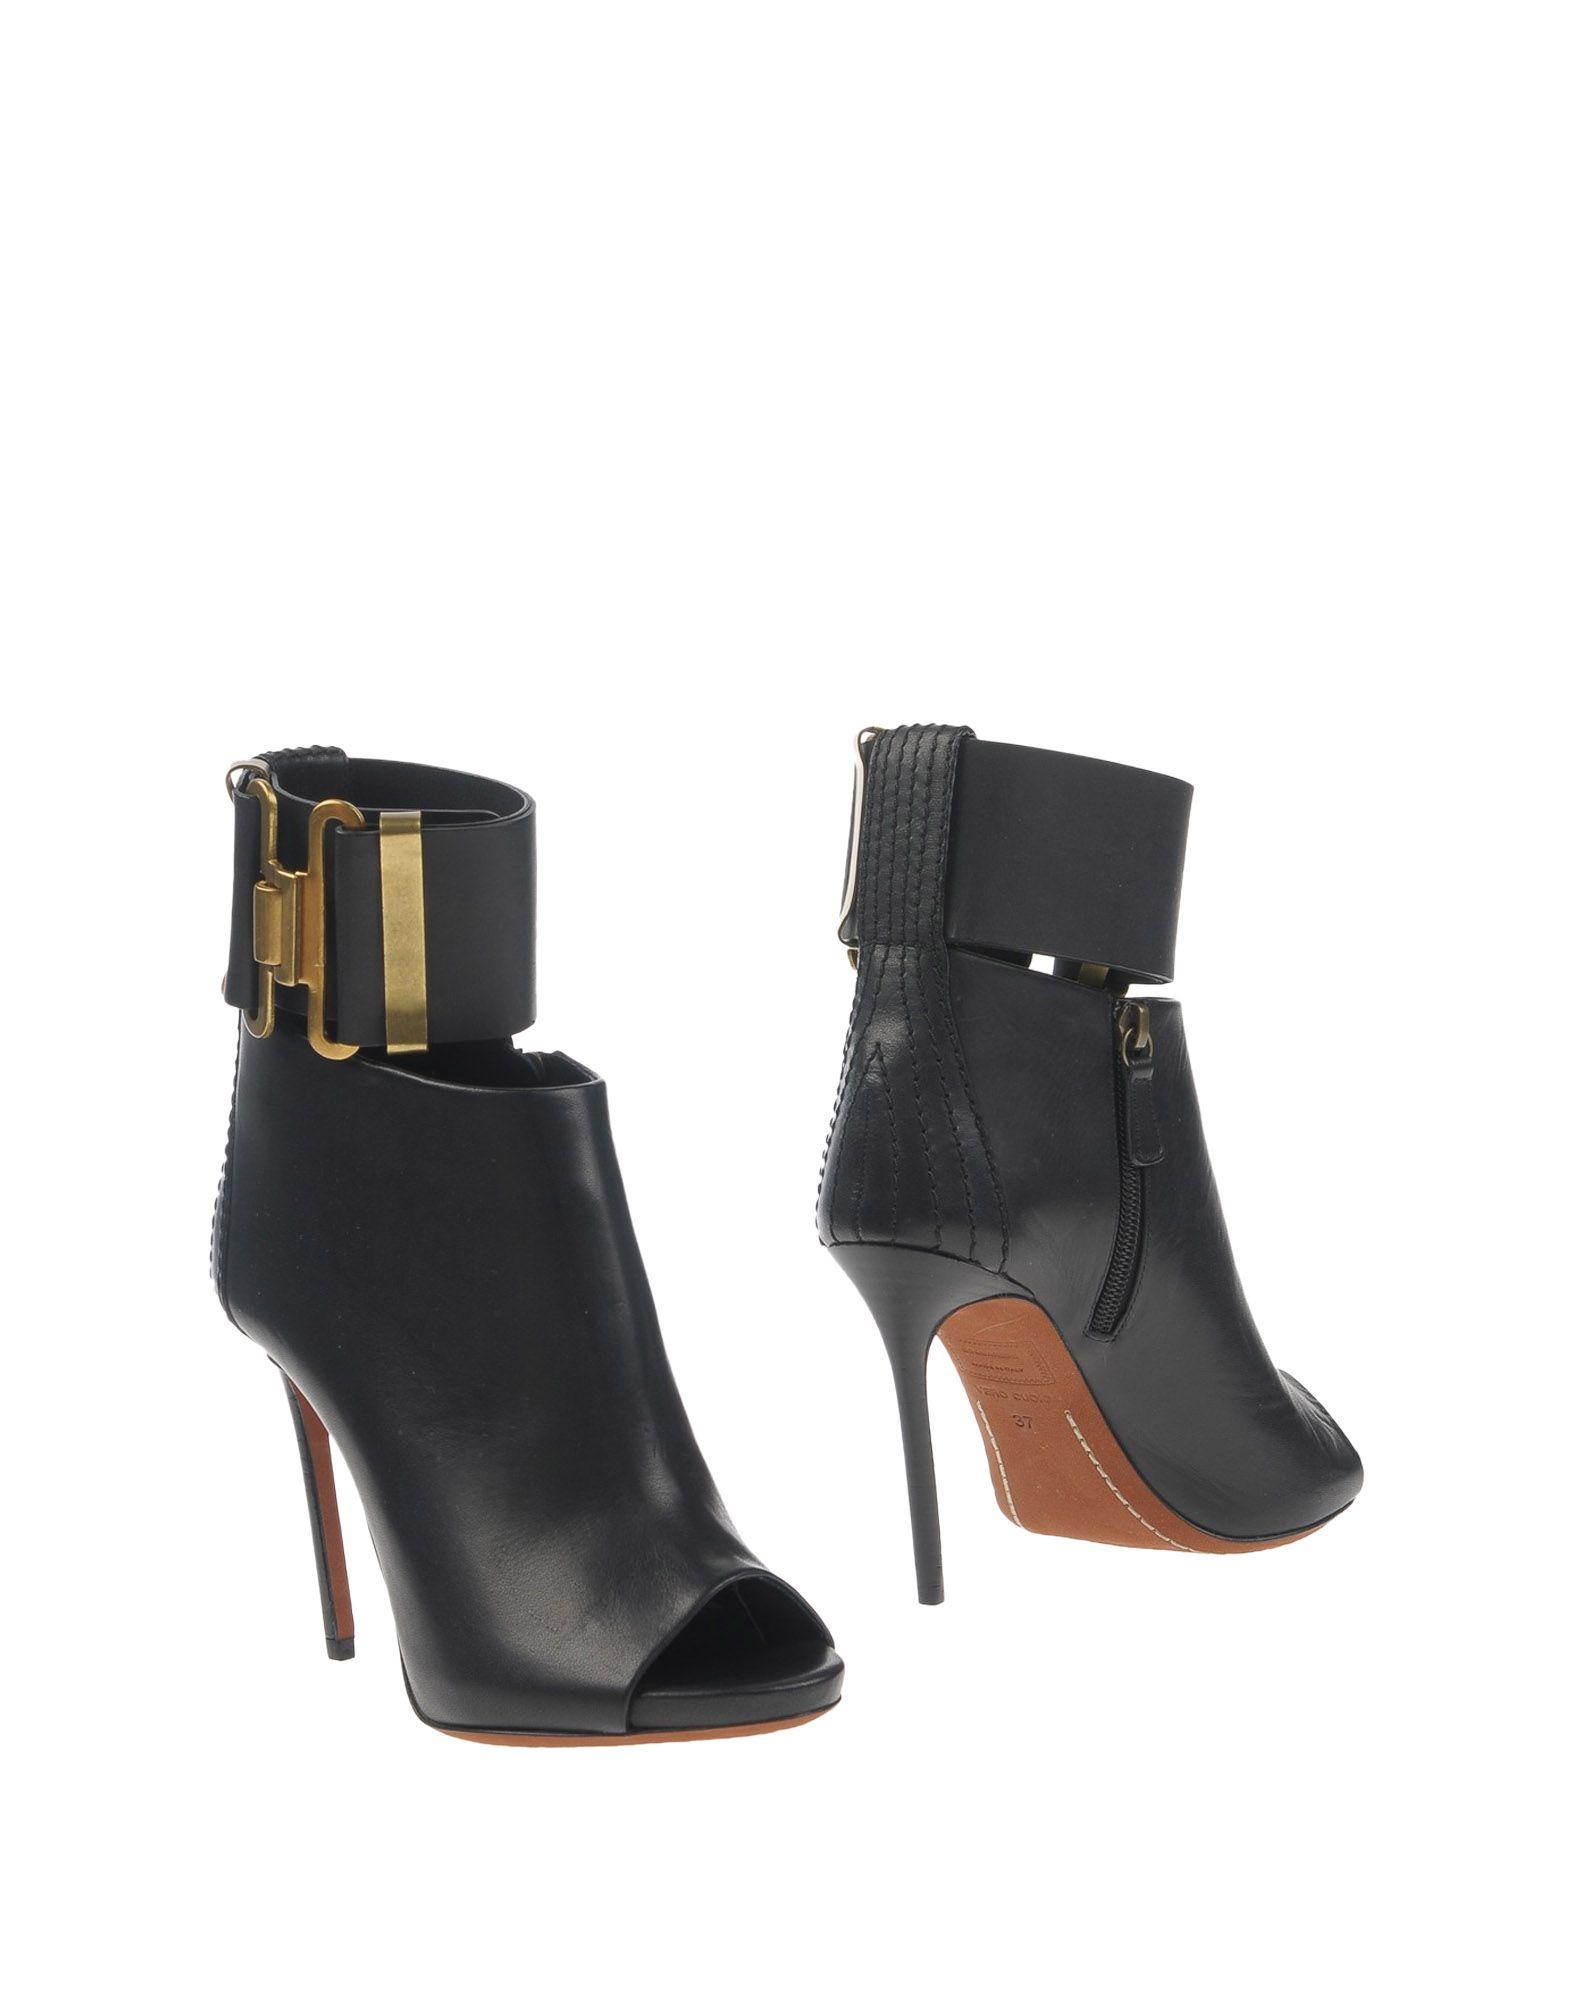 Dsquared2 Stiefelette Damen gut  11298634OUGünstige gut Damen aussehende Schuhe 2d49eb